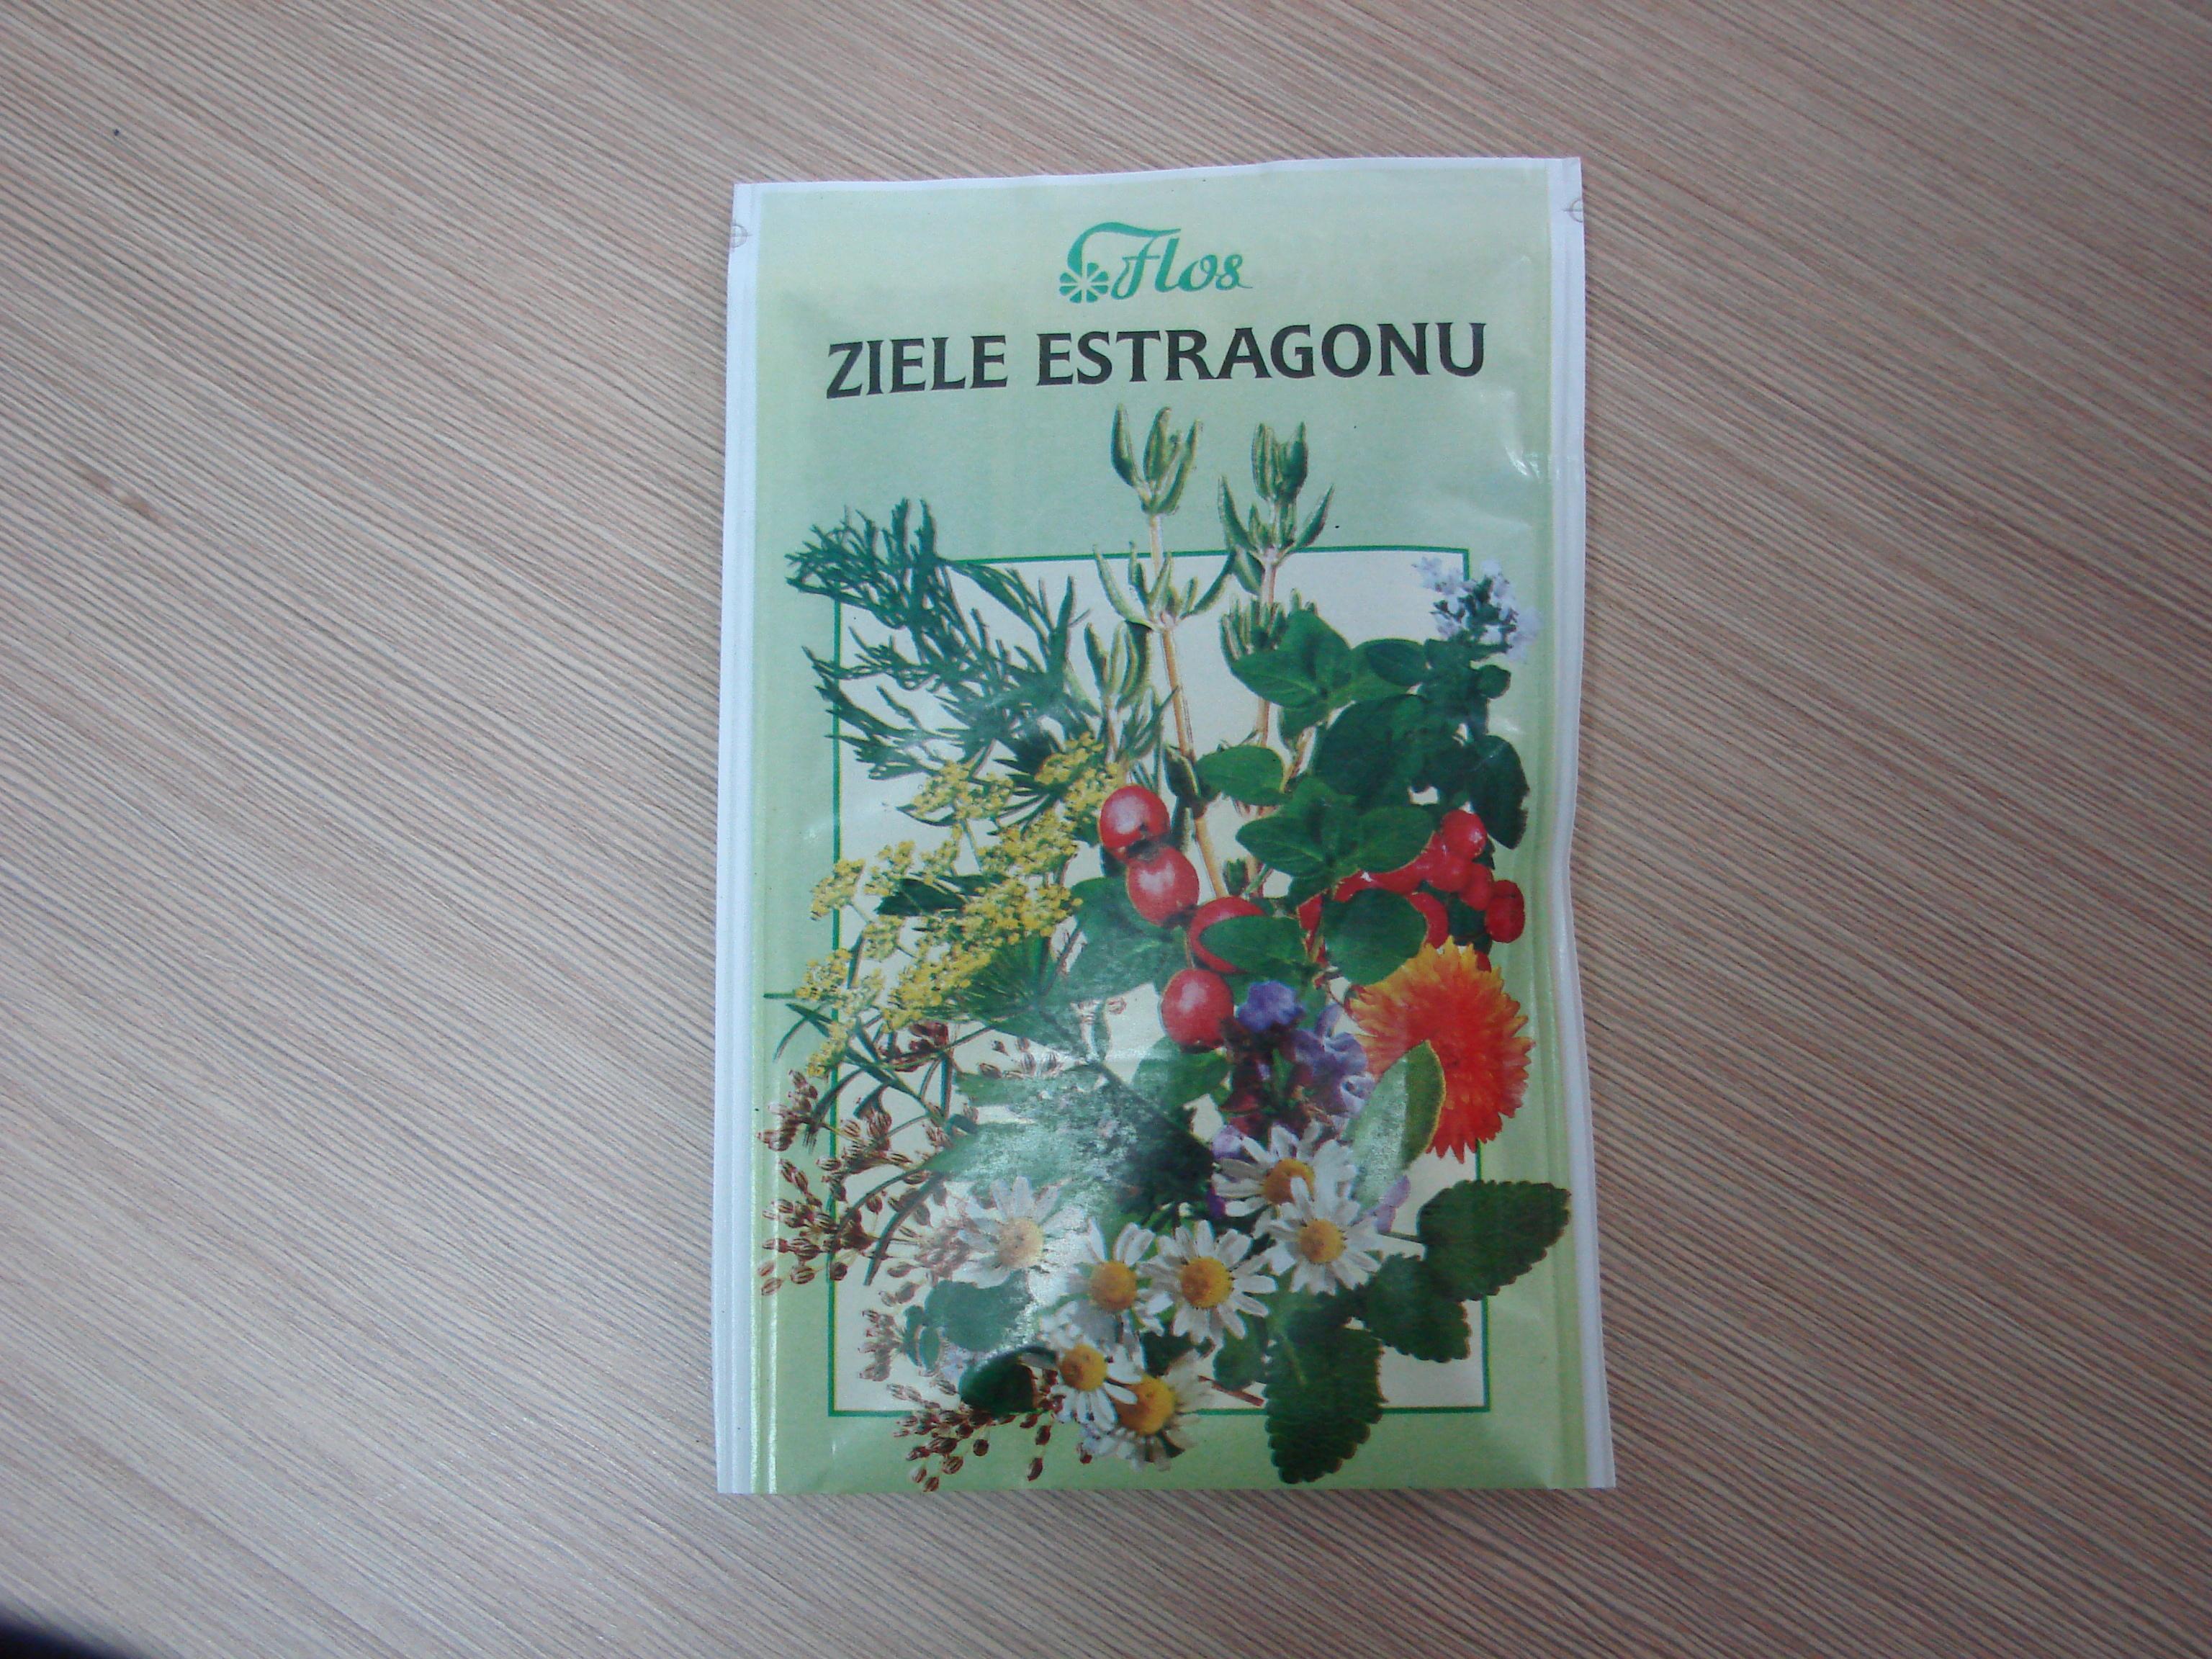 Estragon ziele